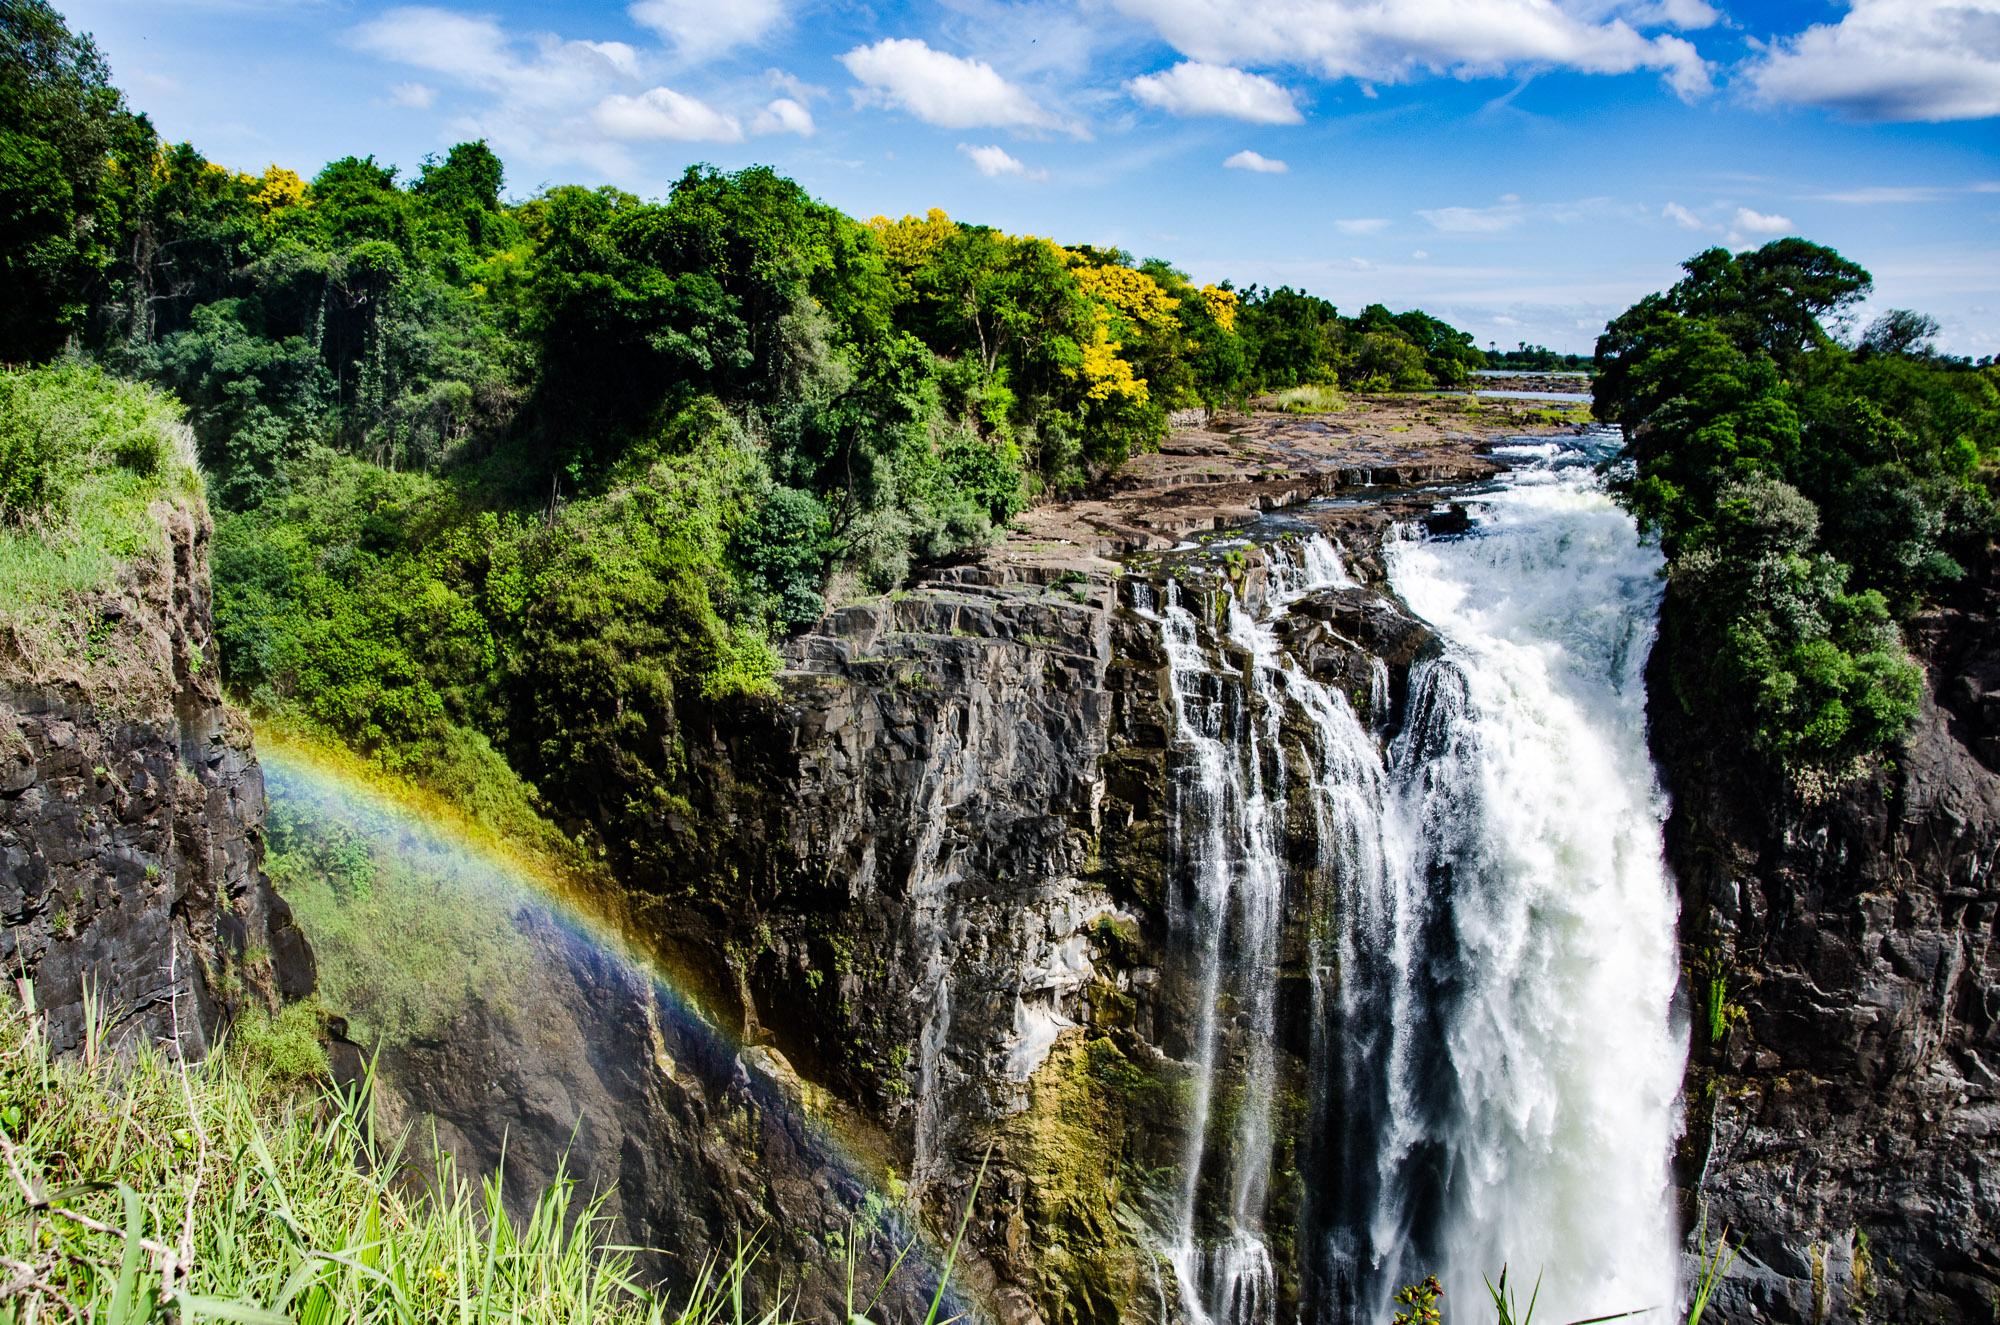 chute arc-en-ciel - les chutes victoria - Zimbabwe, les chutes Victoria et plus encore! - afrique, zimbabwe